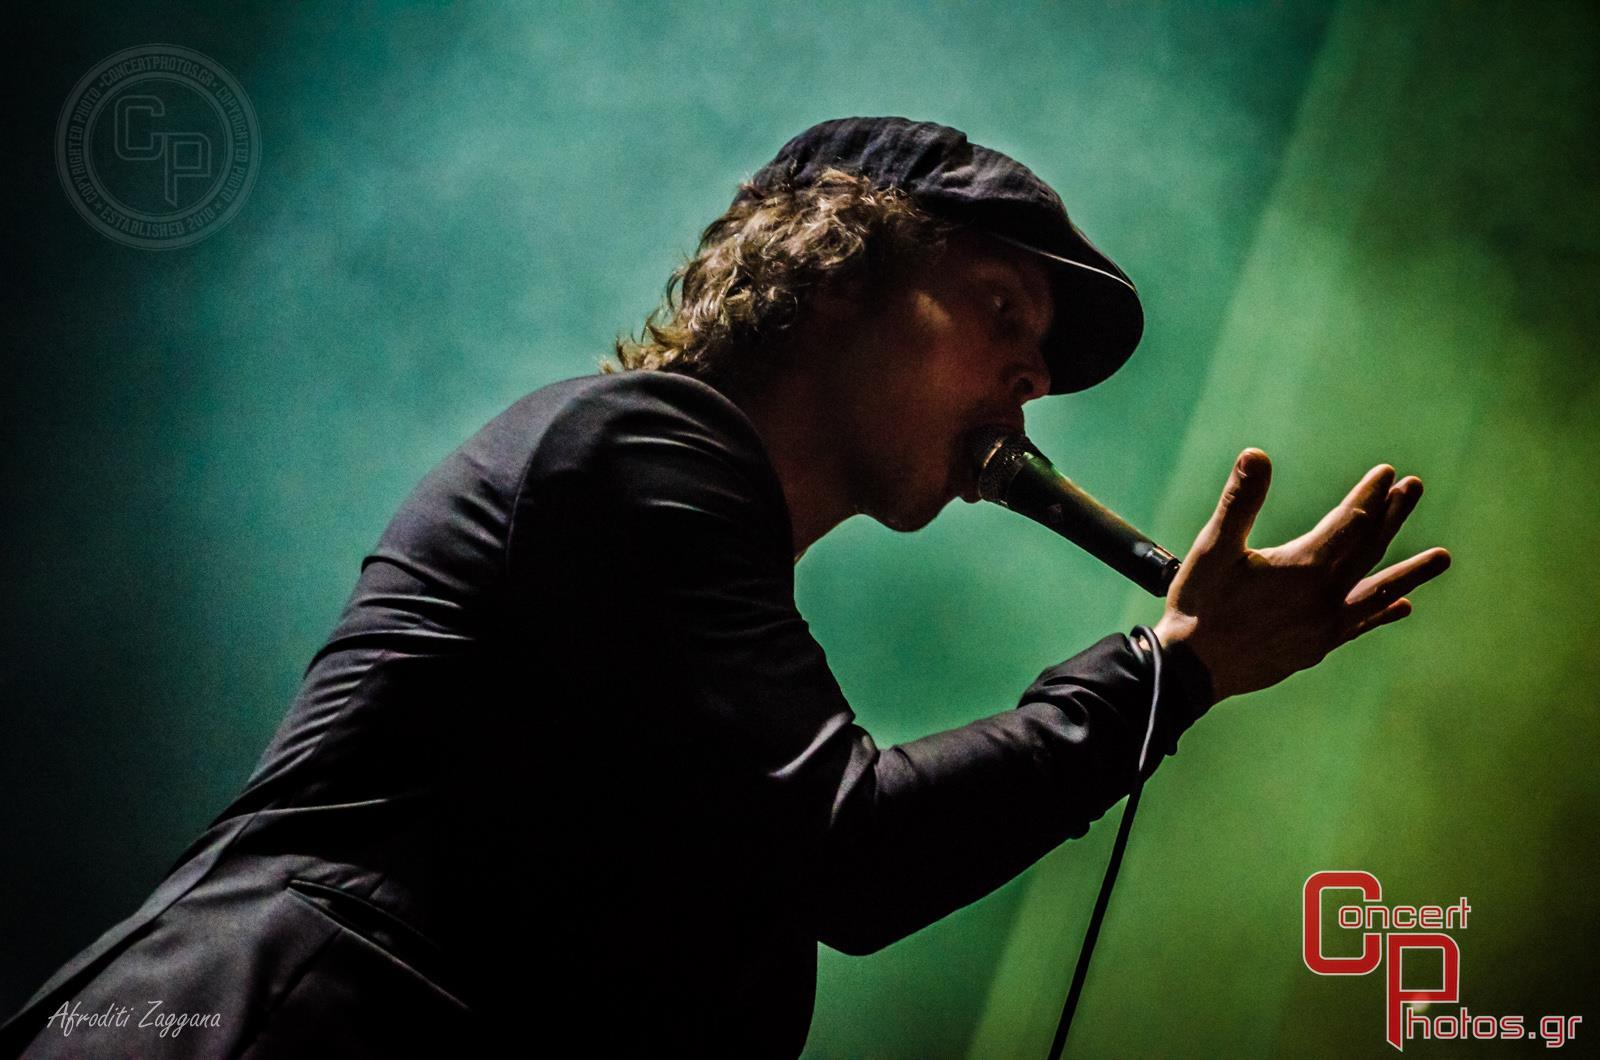 HIM-HIM photographer:  - concertphotos_20140801_21_23_33